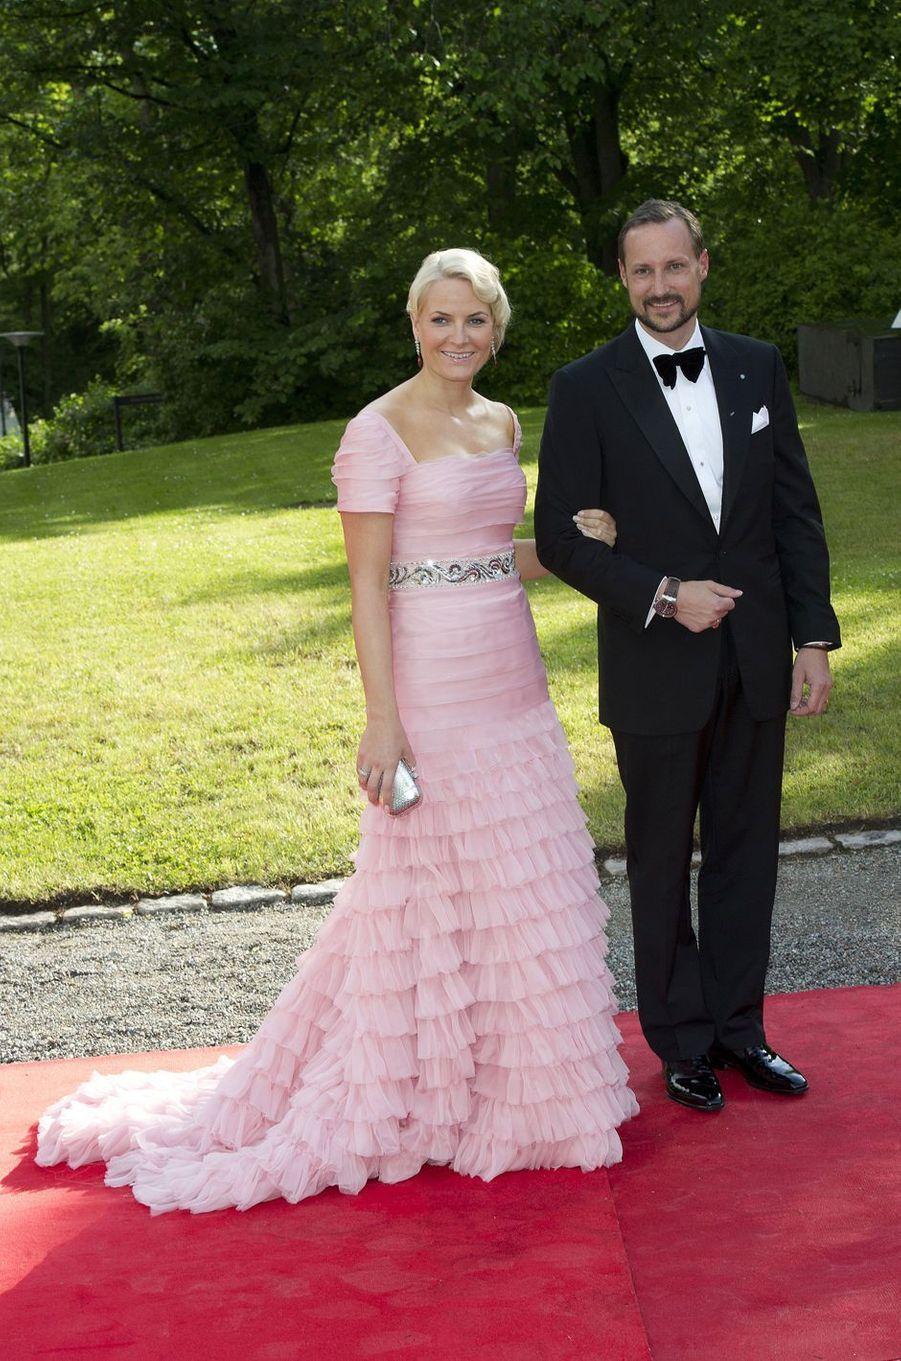 La princesse Mette-Marit et le prince Haakon de Norvège, le 18 juin 2010